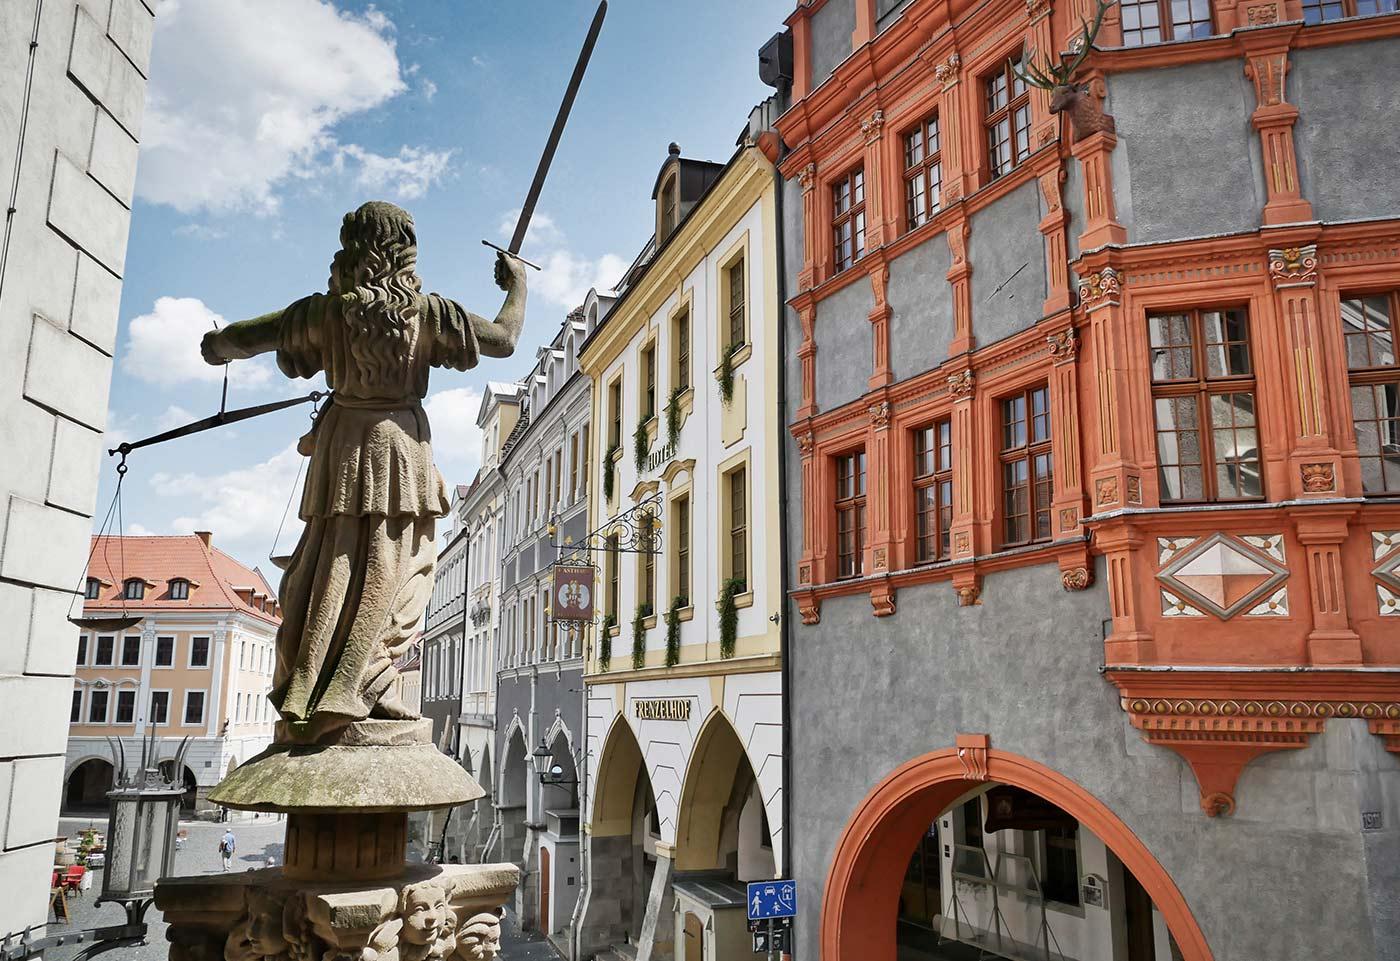 Rathaustreppe mit der Justitia in Görlitz